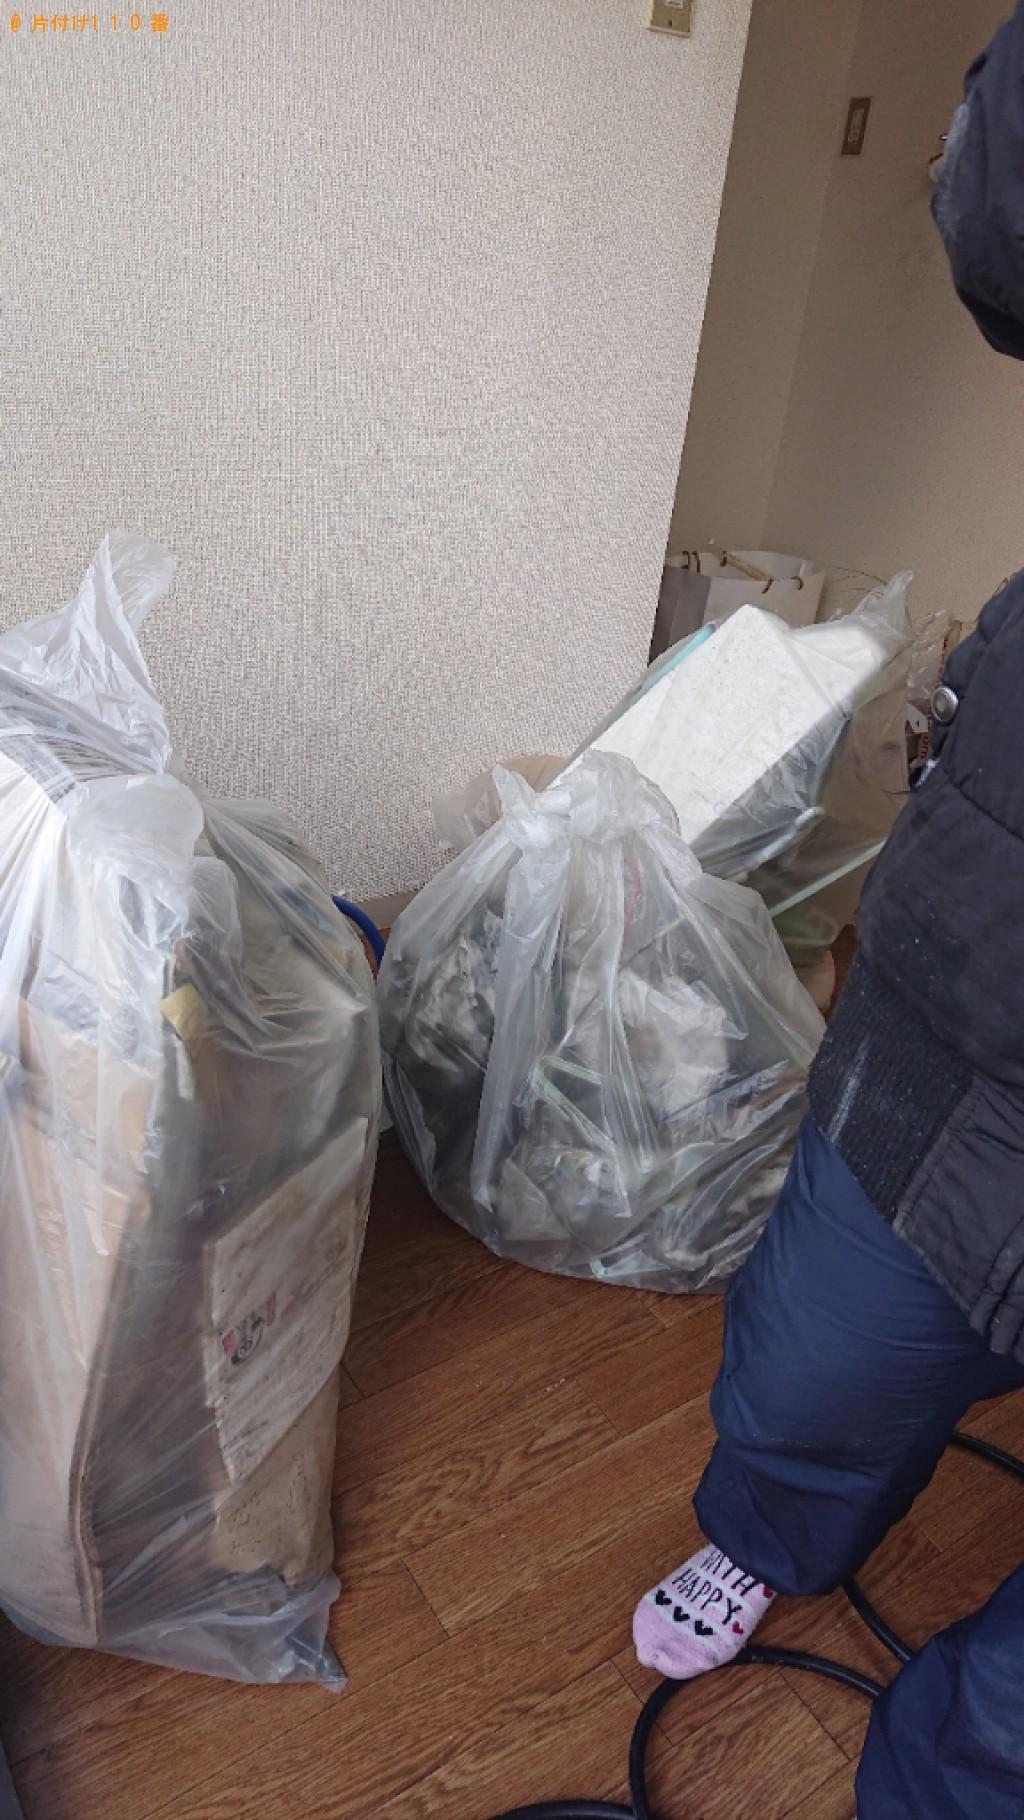 【高松市】一般ごみの回収とベランダクリーニングご依頼 お客様の声